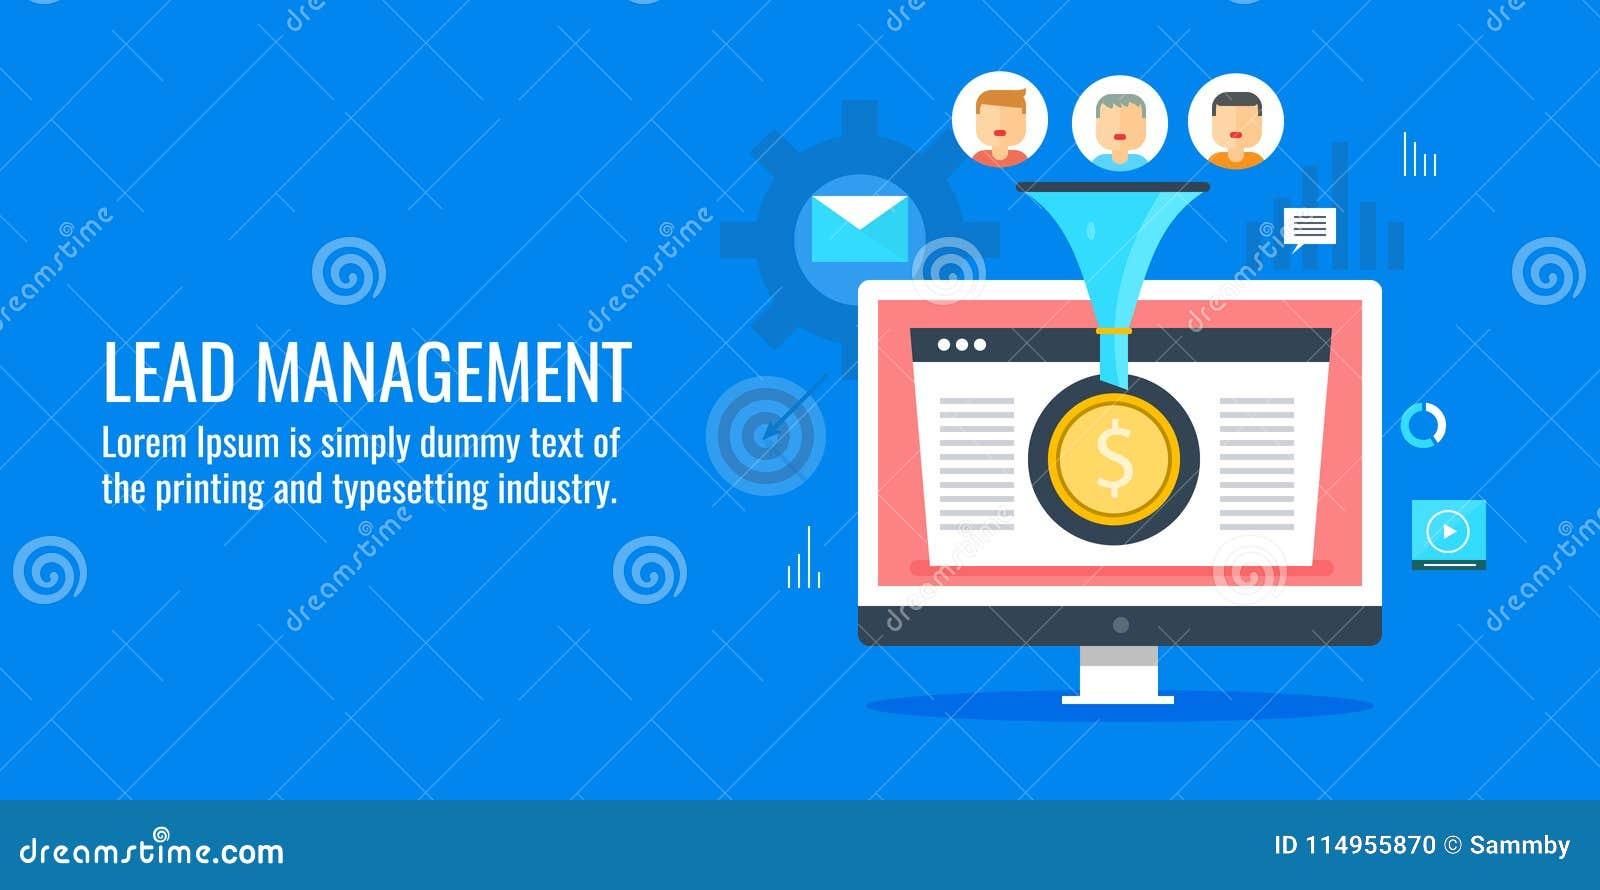 Παραγωγή μολύβδου - διαχείριση - βελτιστοποίηση μετατροπής, ψηφιακή χοάνη πωλήσεων Επίπεδο διανυσματικό έμβλημα σχεδίου